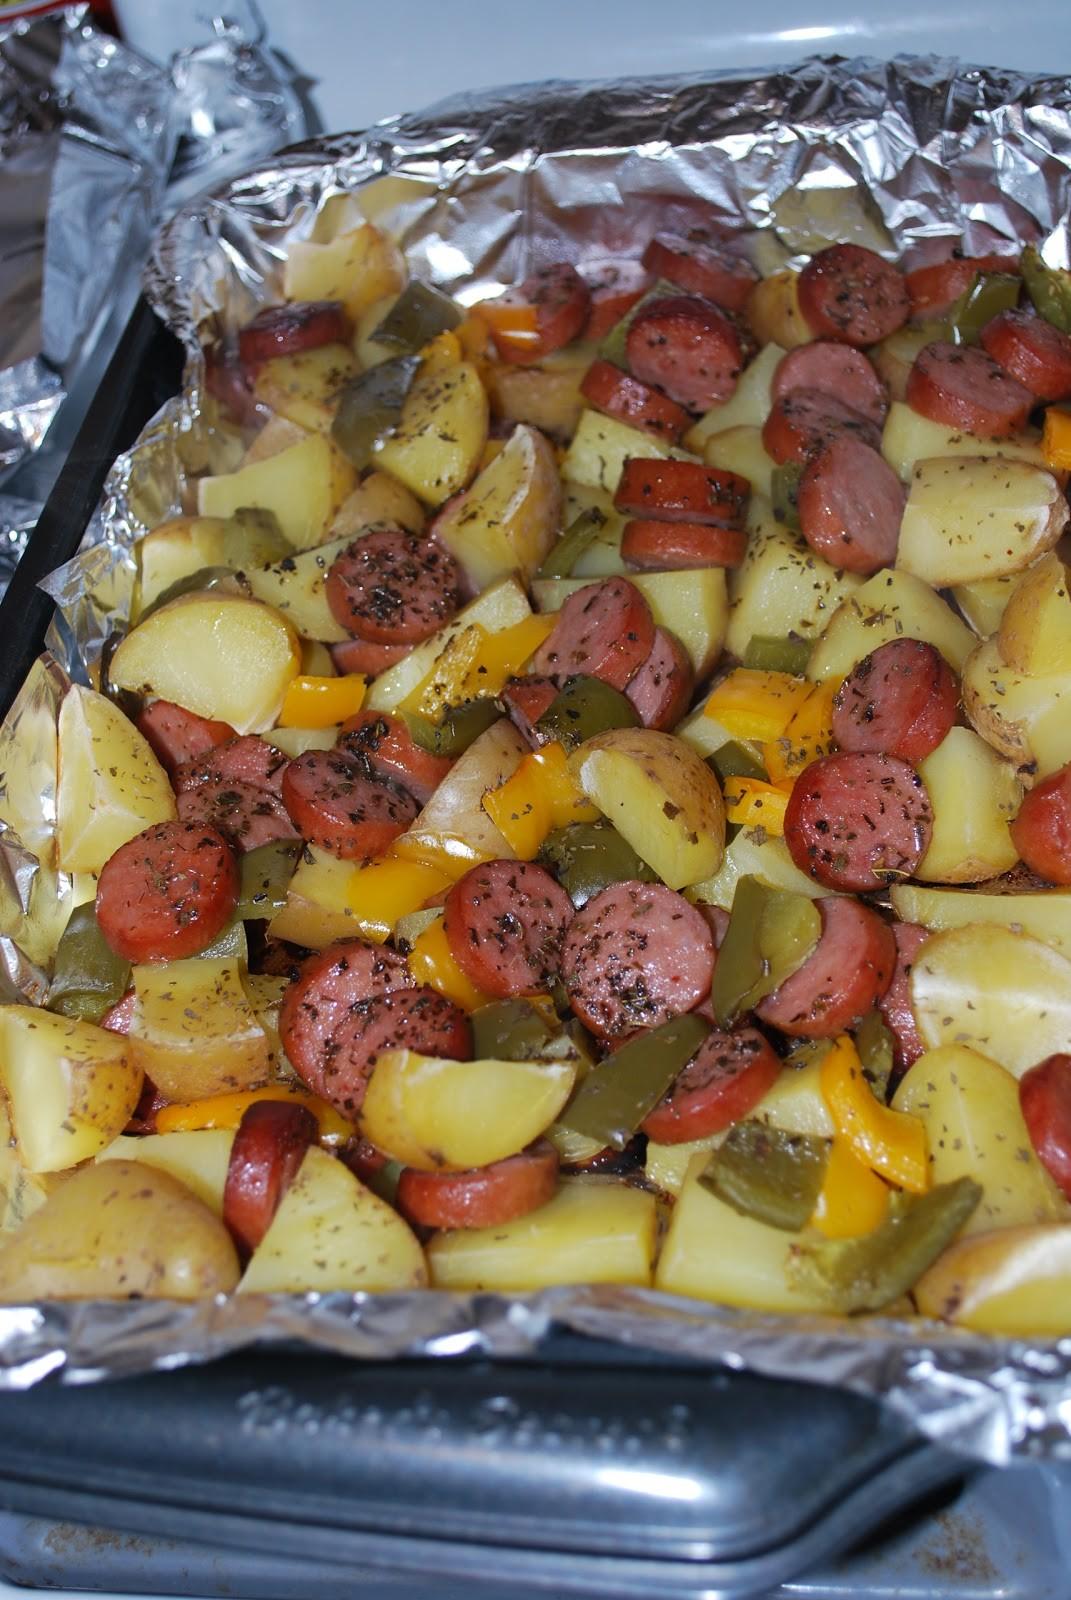 Smoked Sausage and Potato Bake | Linda Tinney | Copy Me That